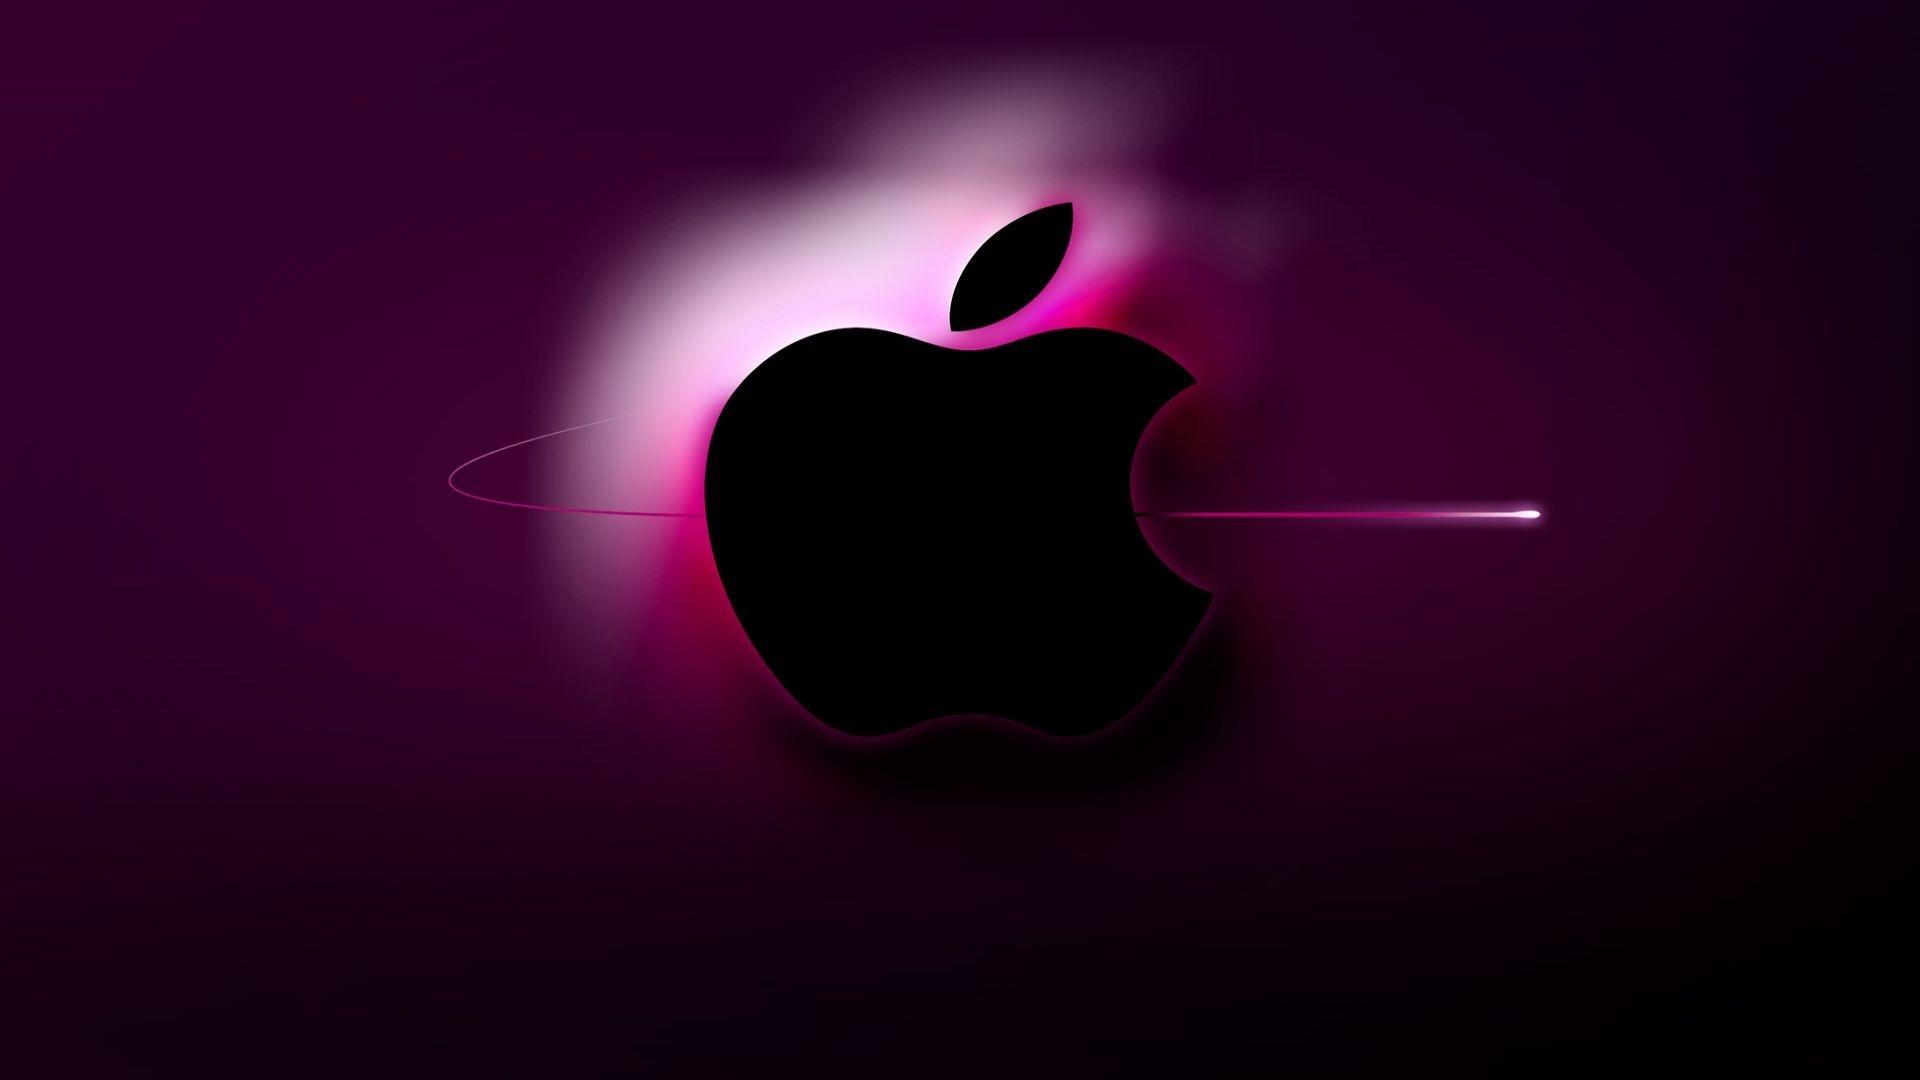 Картинки яблока айфон хорошее качество